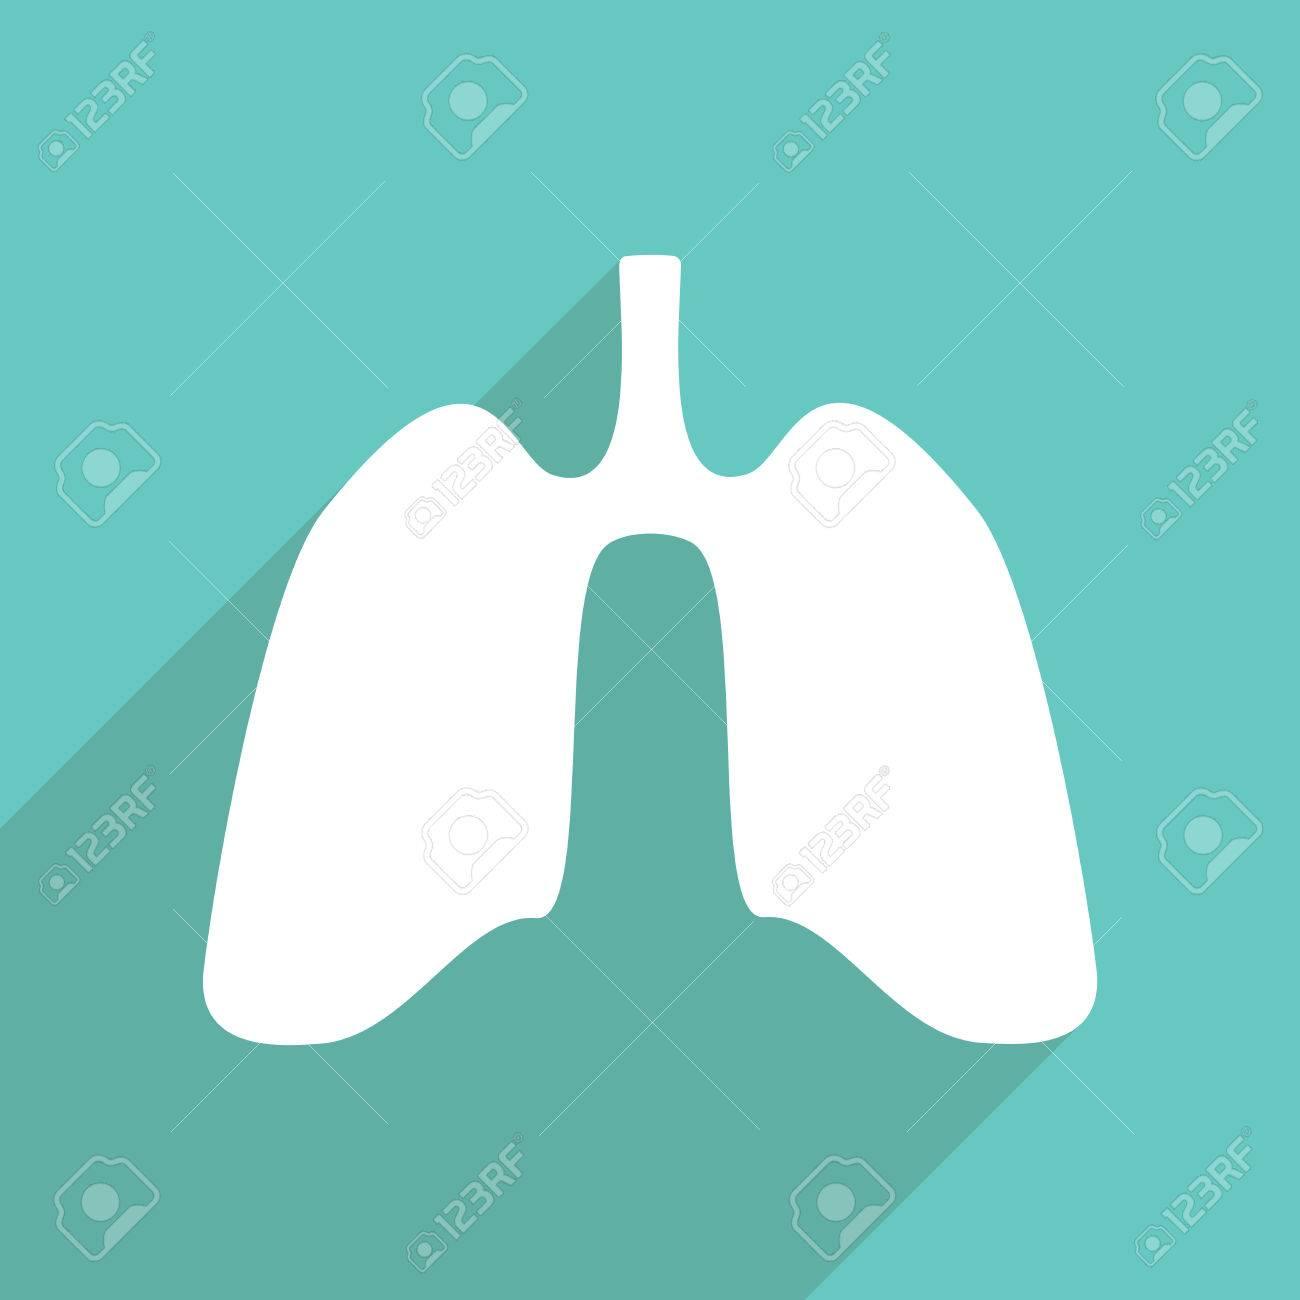 Flache Vektor Symbol Mit Schatten Und Modernes Design Lunge Körper